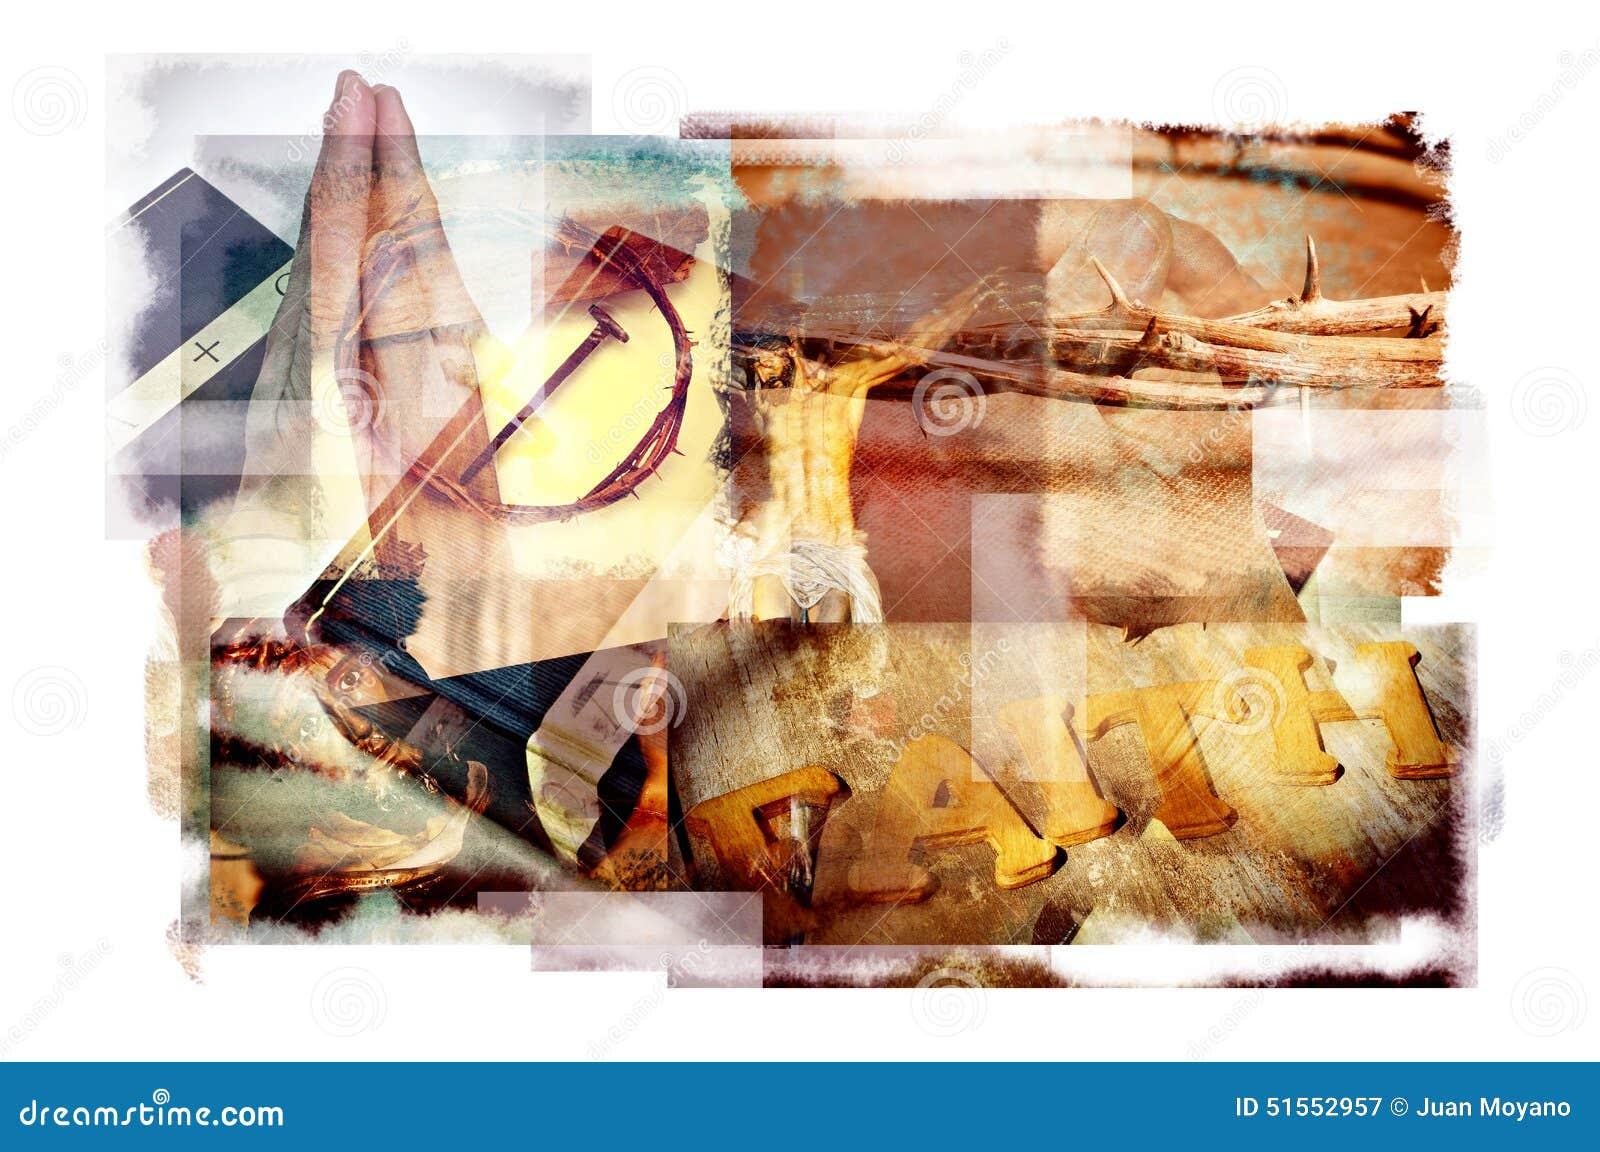 Exposiciones múltiples de diversos símbolos cristianos y católicos